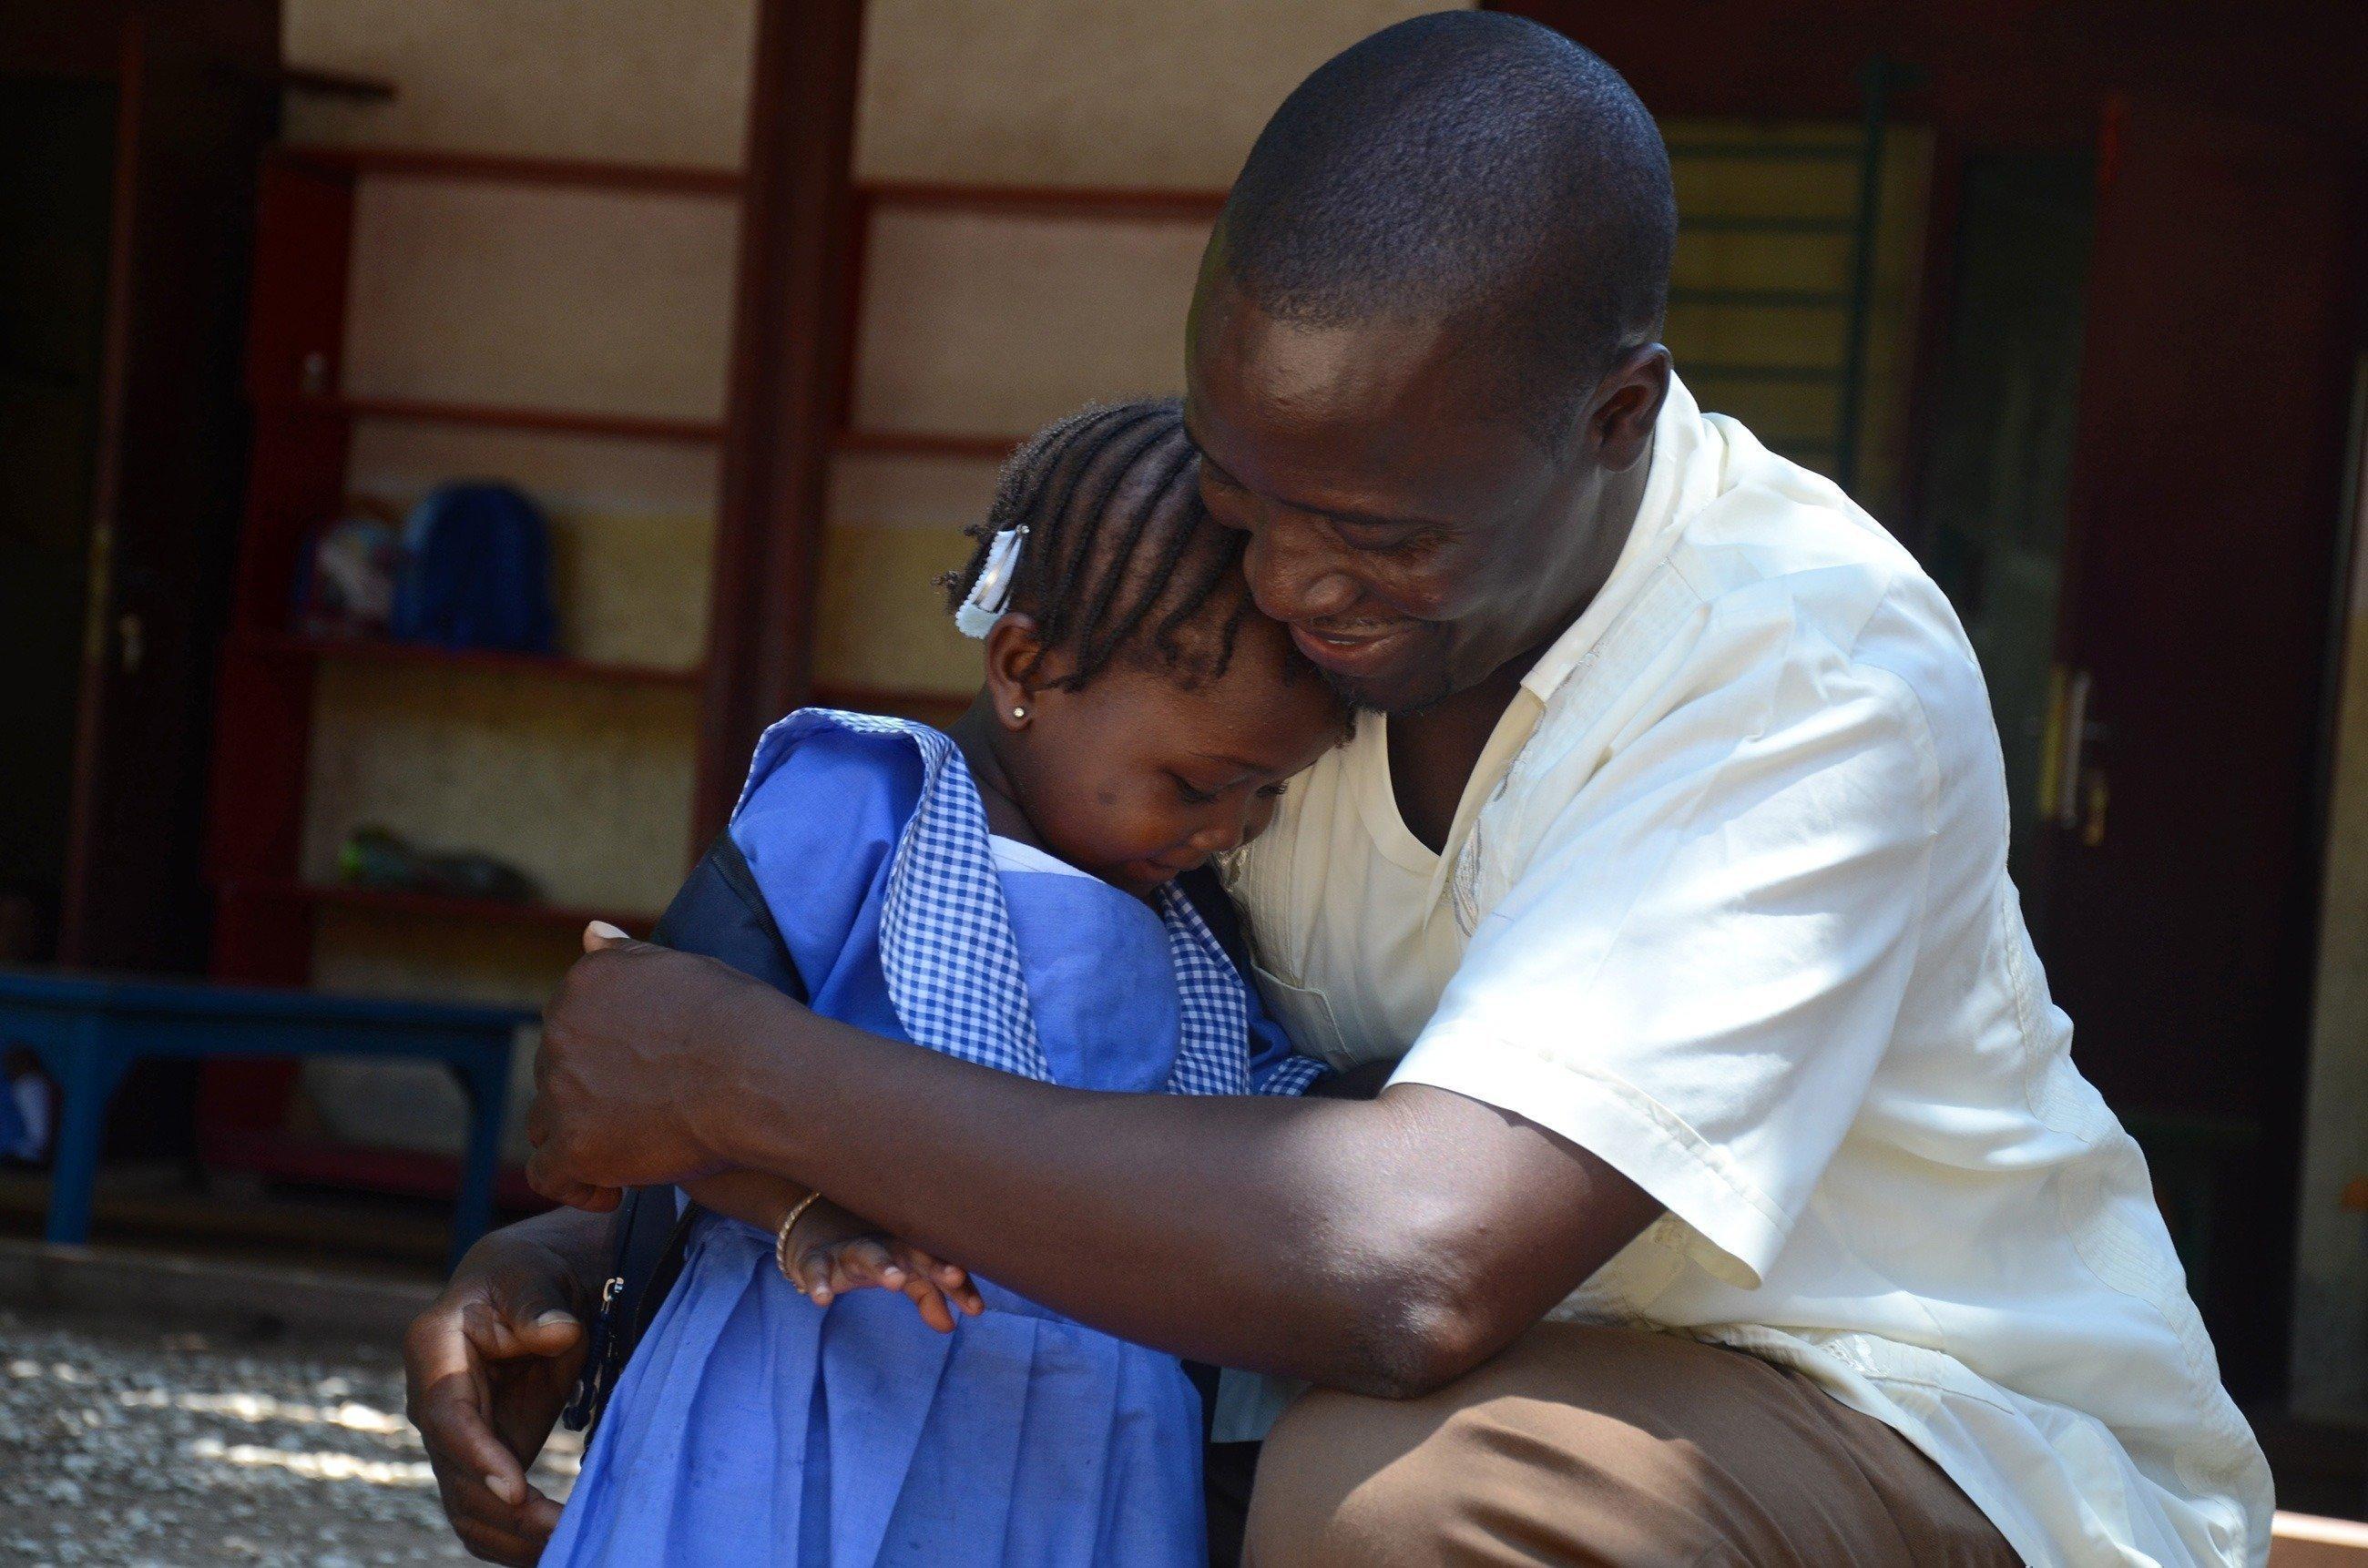 SOS-Kinderdorf Vater umarmt kleines Mädchen herzlich.